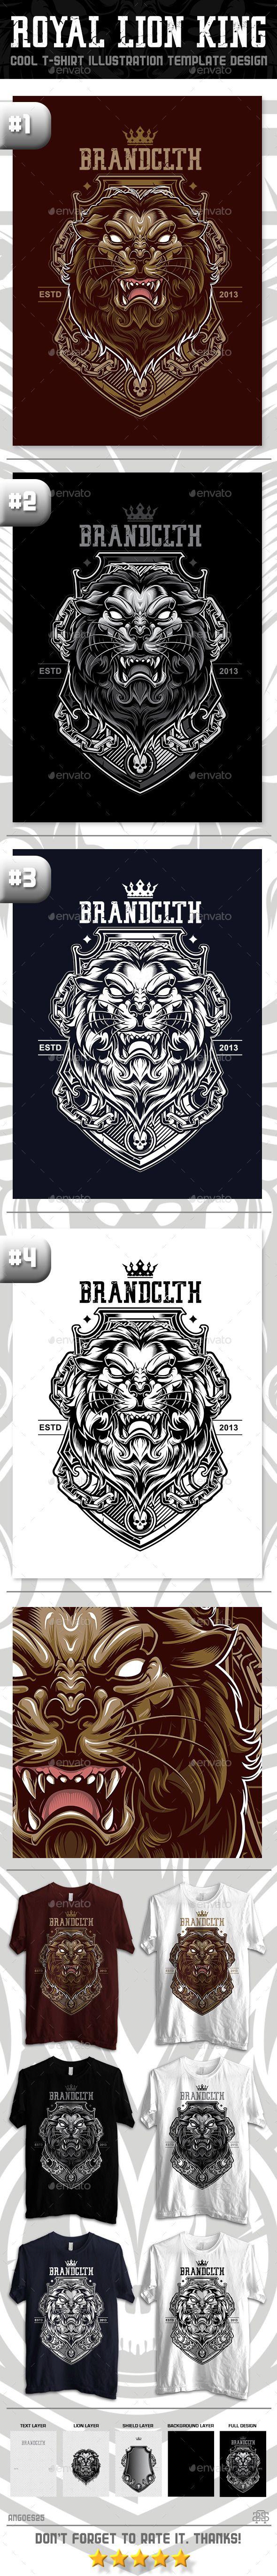 Royal Lion King - Download…